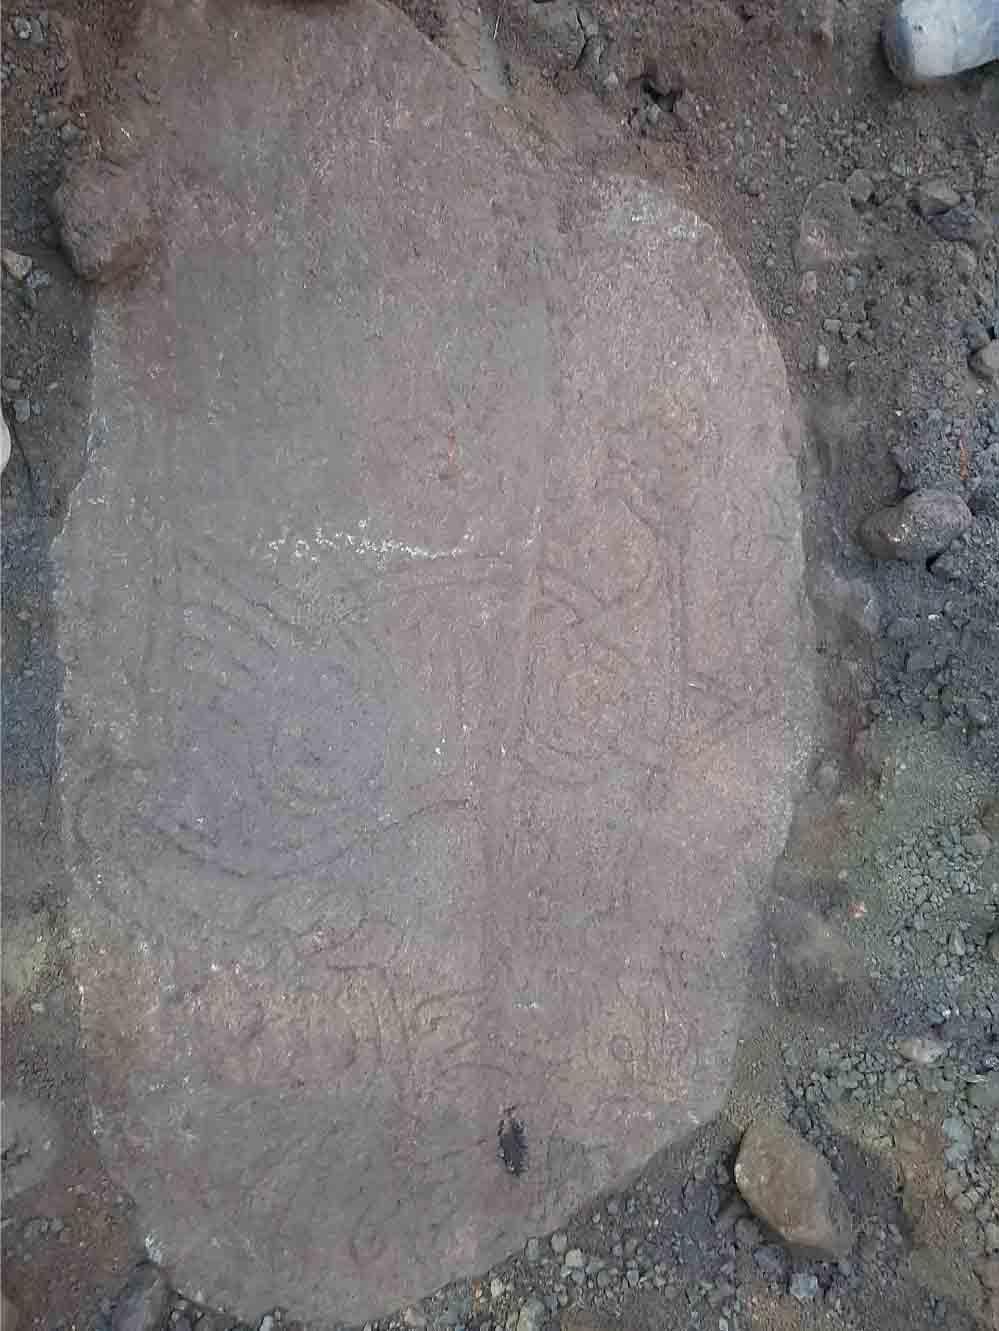 La piedra de imagen única ha desaparecido desde el siglo XVIII. (Imagen: Annika Knarrström / Arkeologerna)